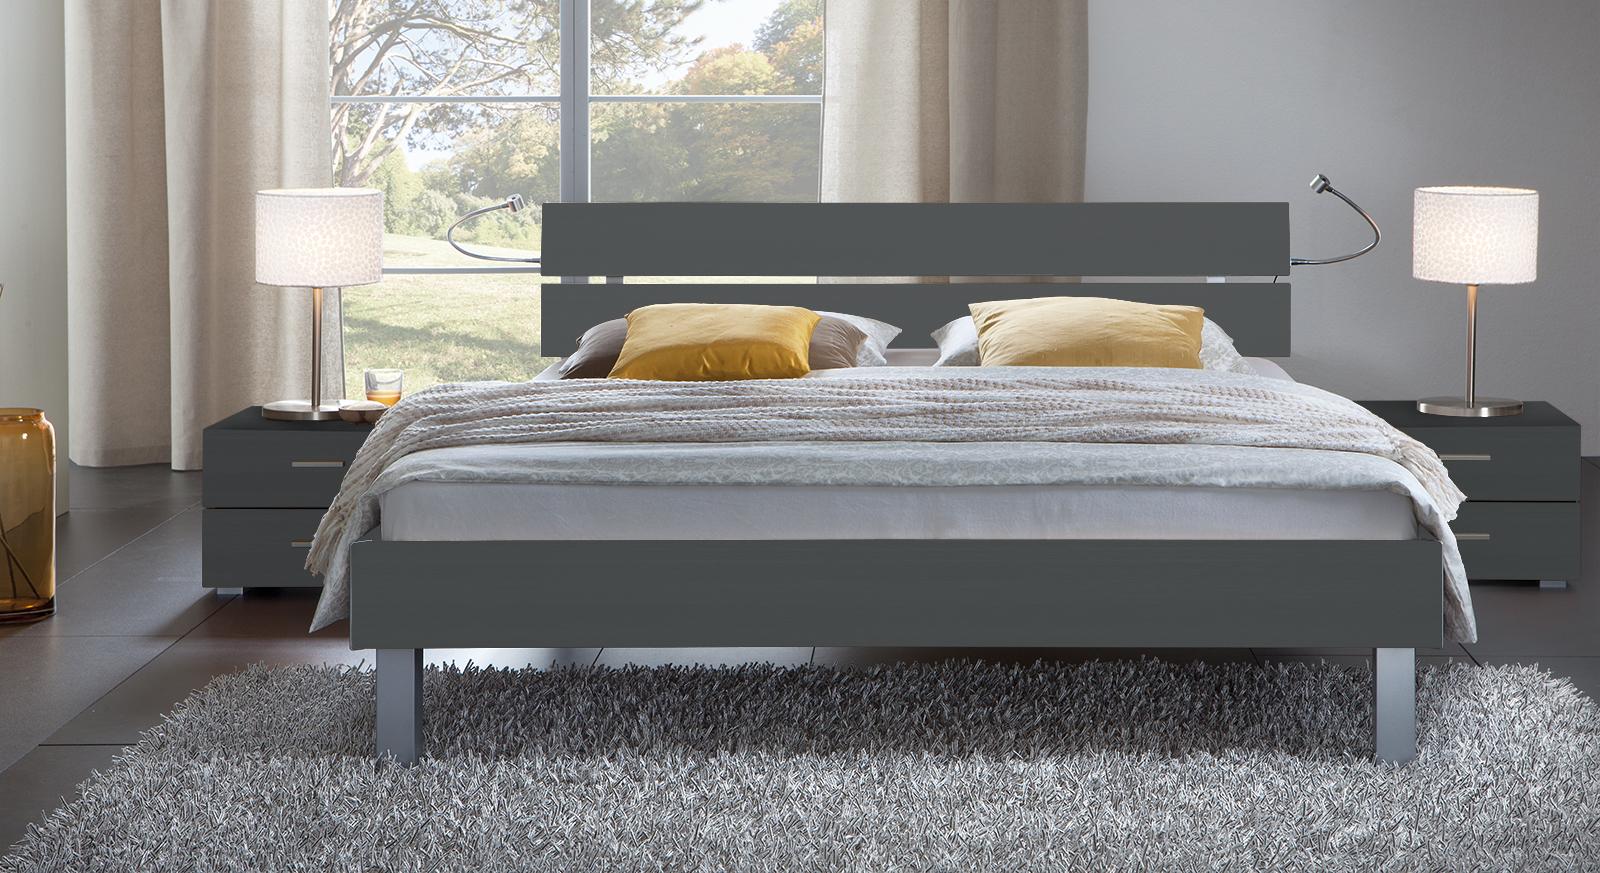 bequeme doppelbetten im test und vergleich 2018 von. Black Bedroom Furniture Sets. Home Design Ideas